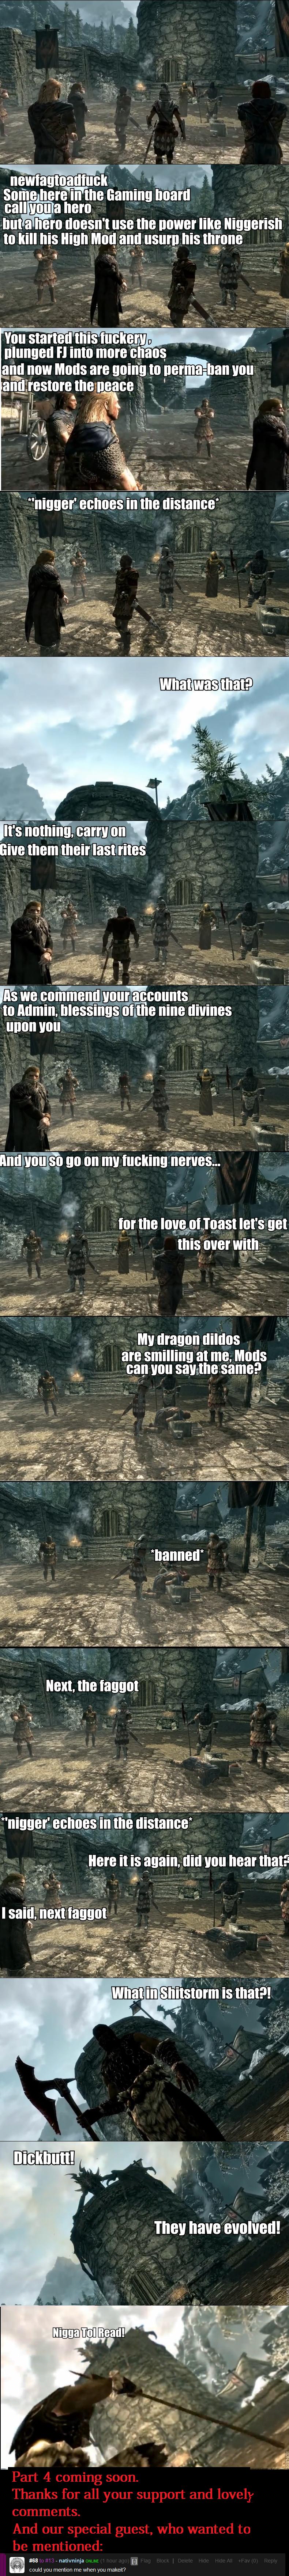 Elder Scrolls: Fuckery. self-description descripatoried descriptory description. tag